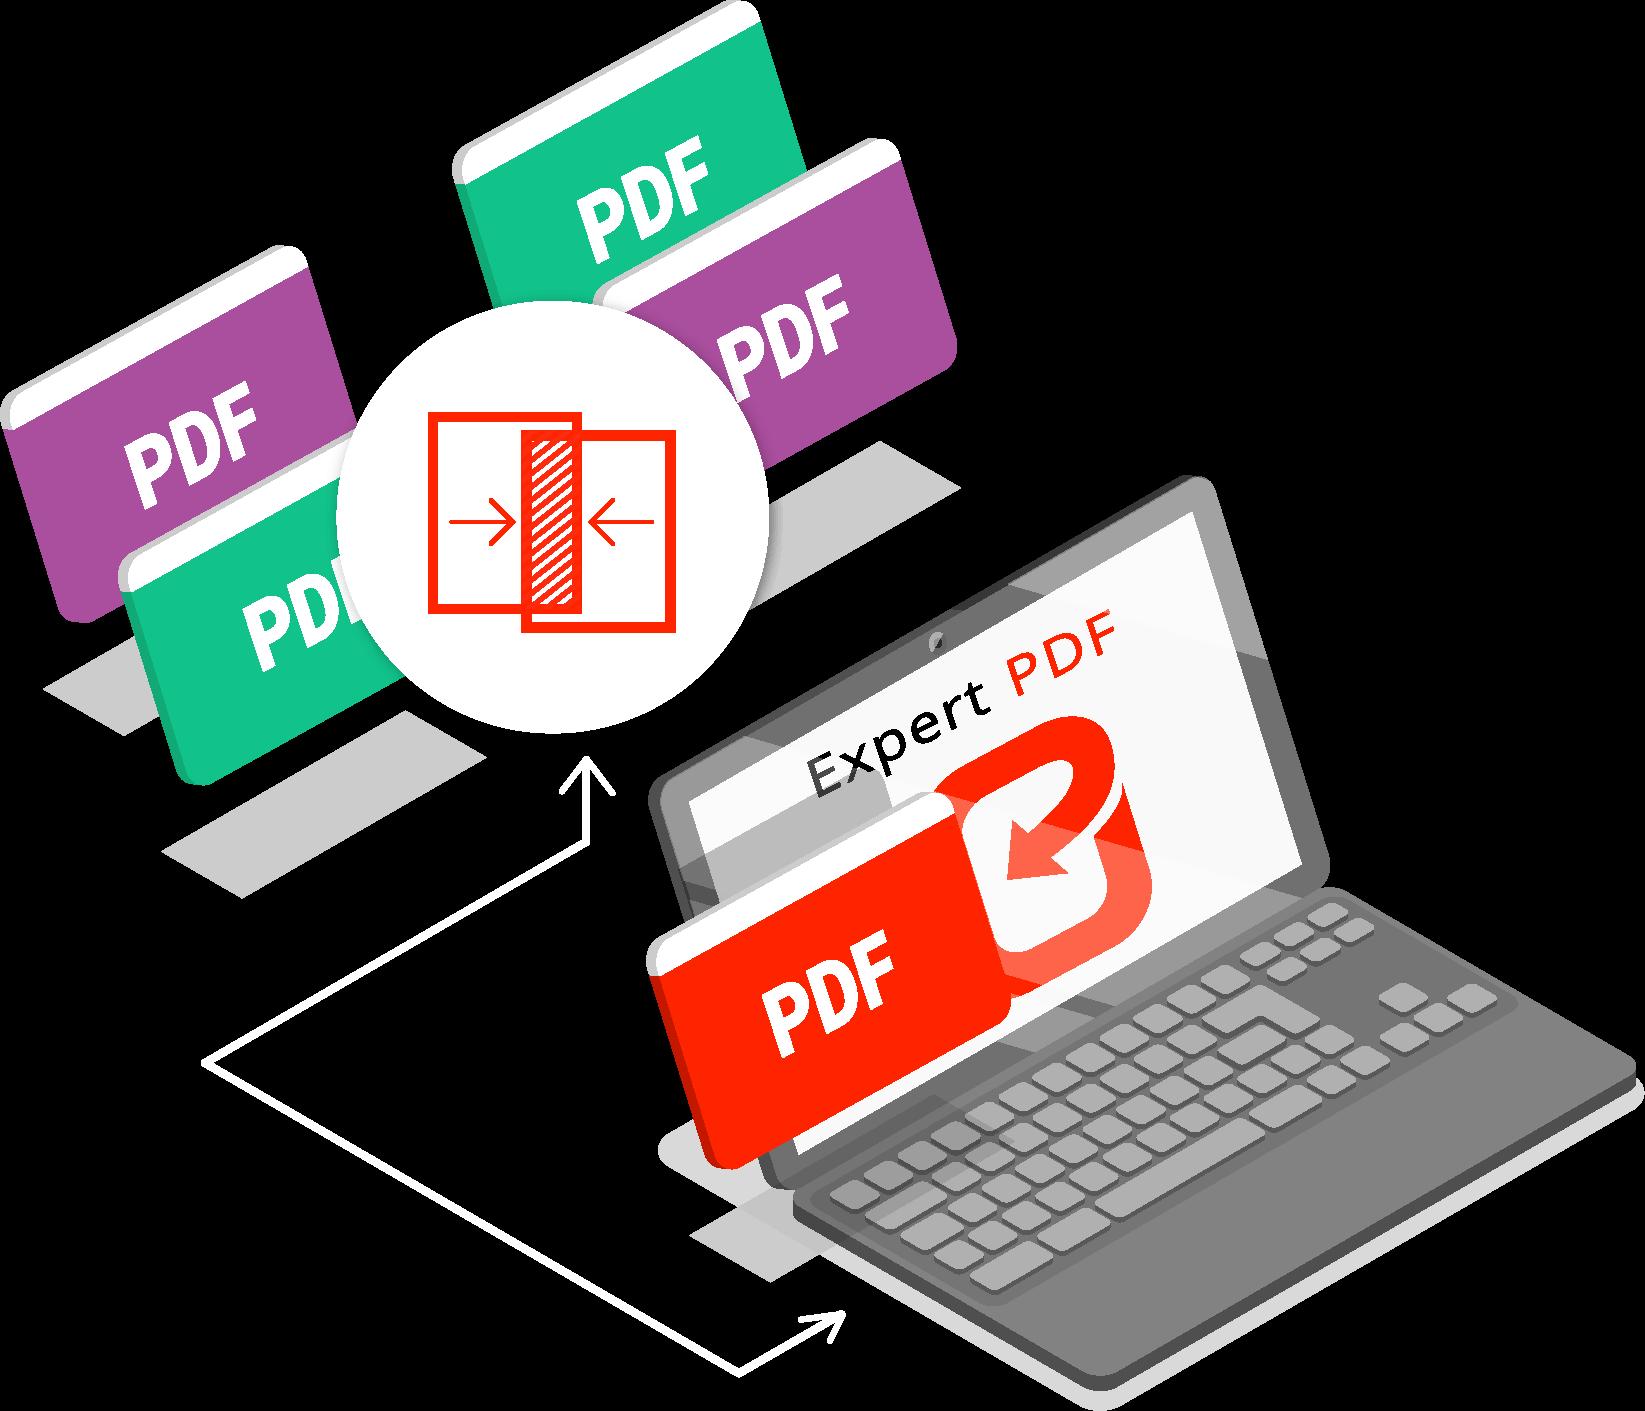 ¿CÓMO FUSIONAR ARCHIVOS PDF?